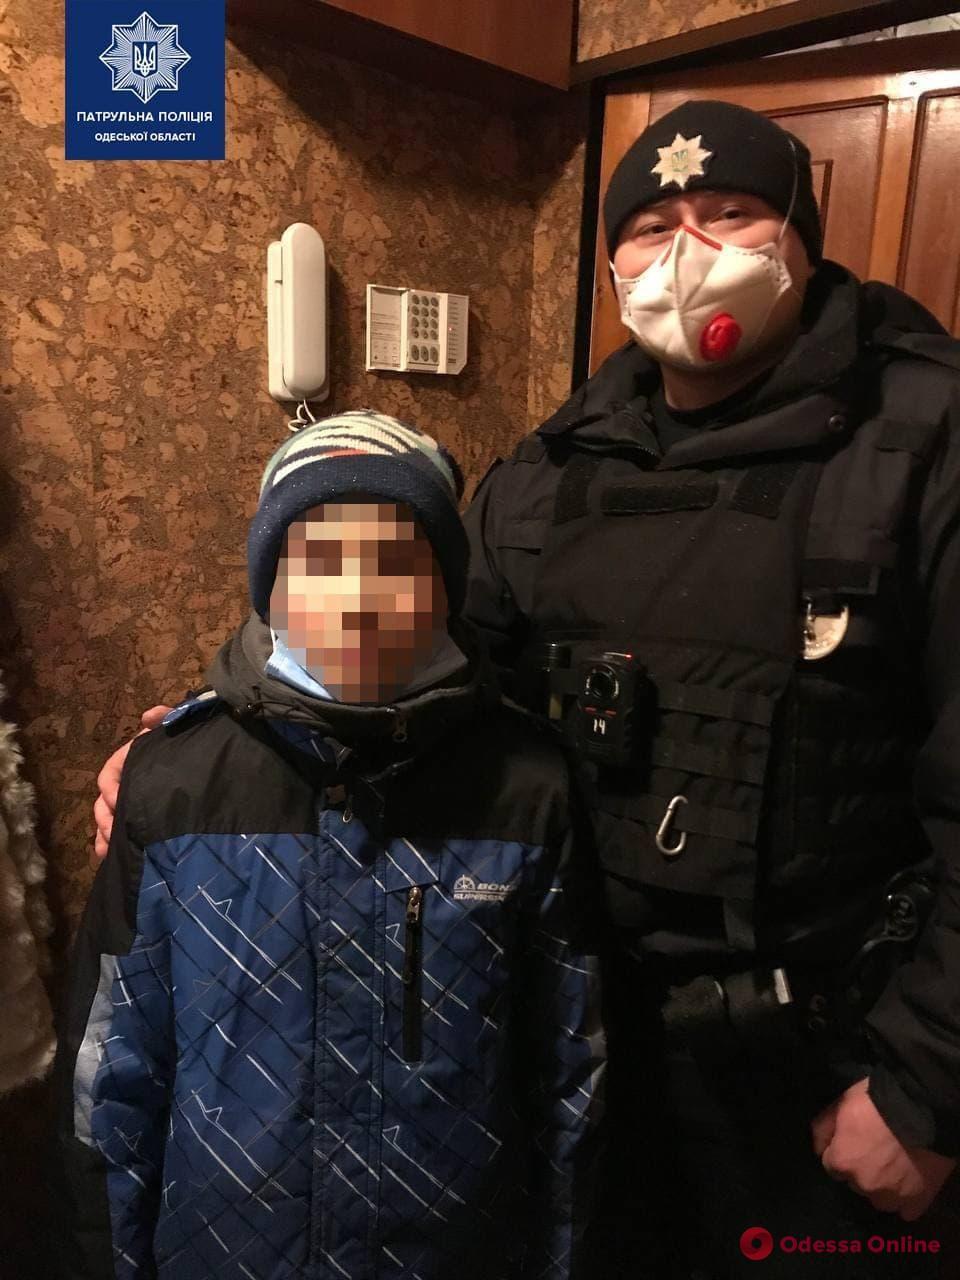 Одесские патрульные вернули домой малолетнего беглеца